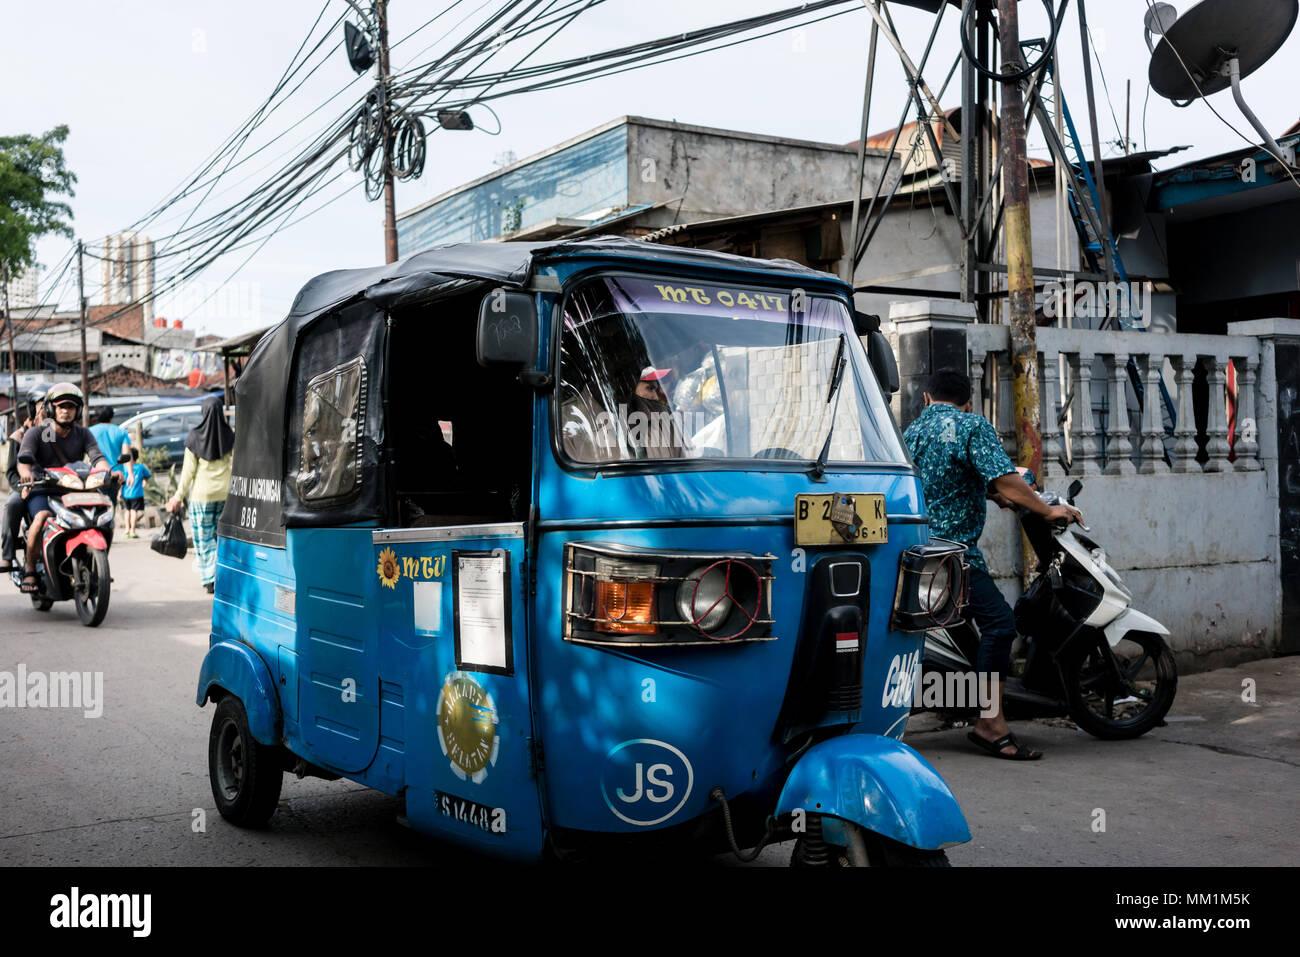 Blau Auto-rikscha auf einem engen und überfüllten Straße in einem armen Dorf in Indonesien Stockbild